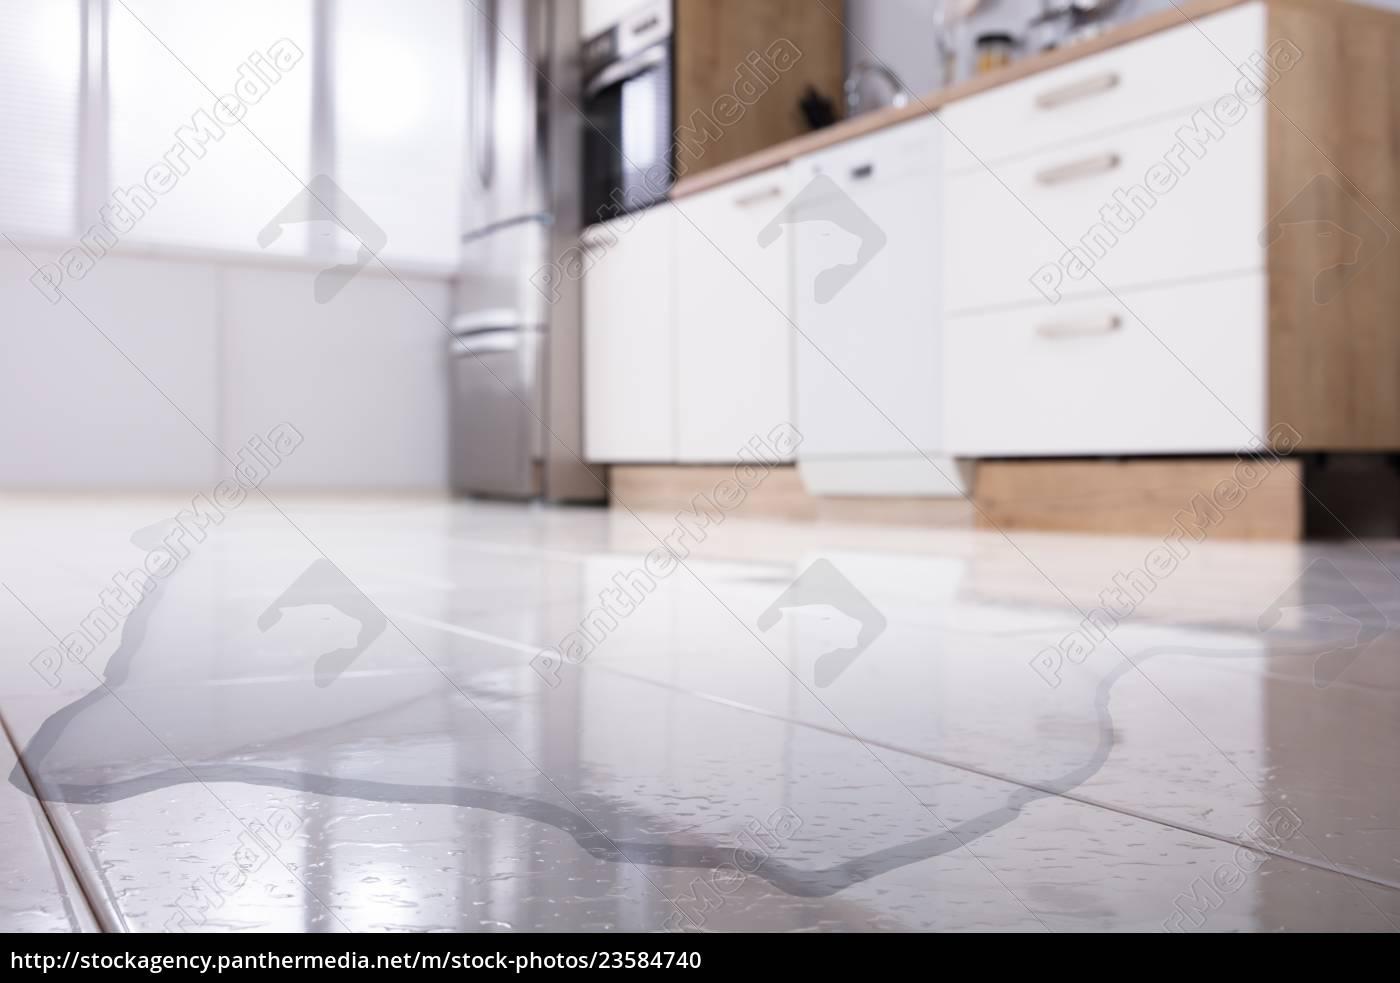 spilled, water, on, kitchen, floor - 23584740